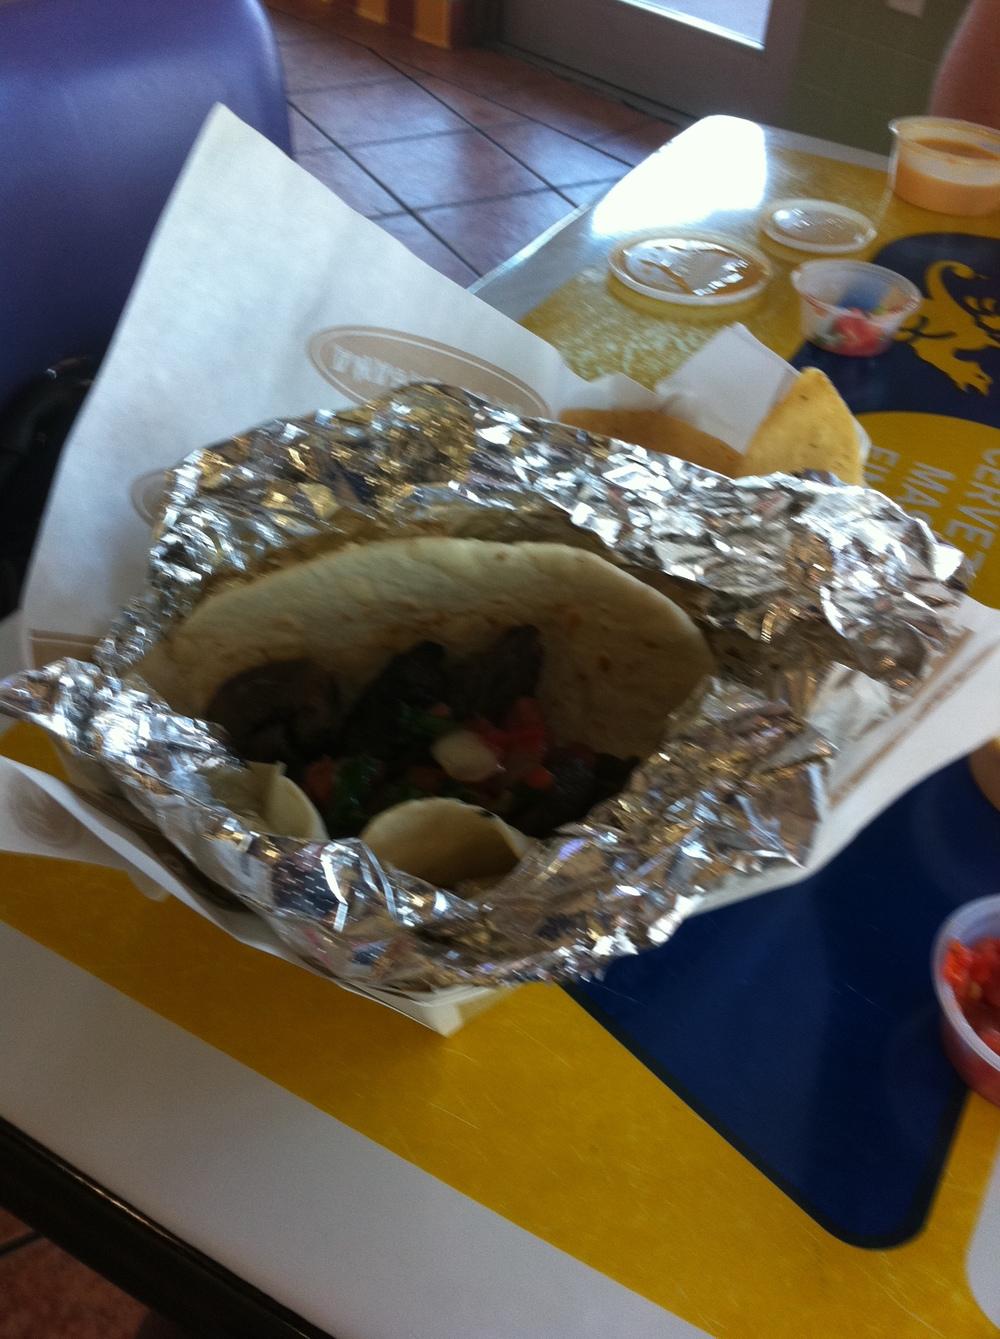 At the Taco, Taco Cabana